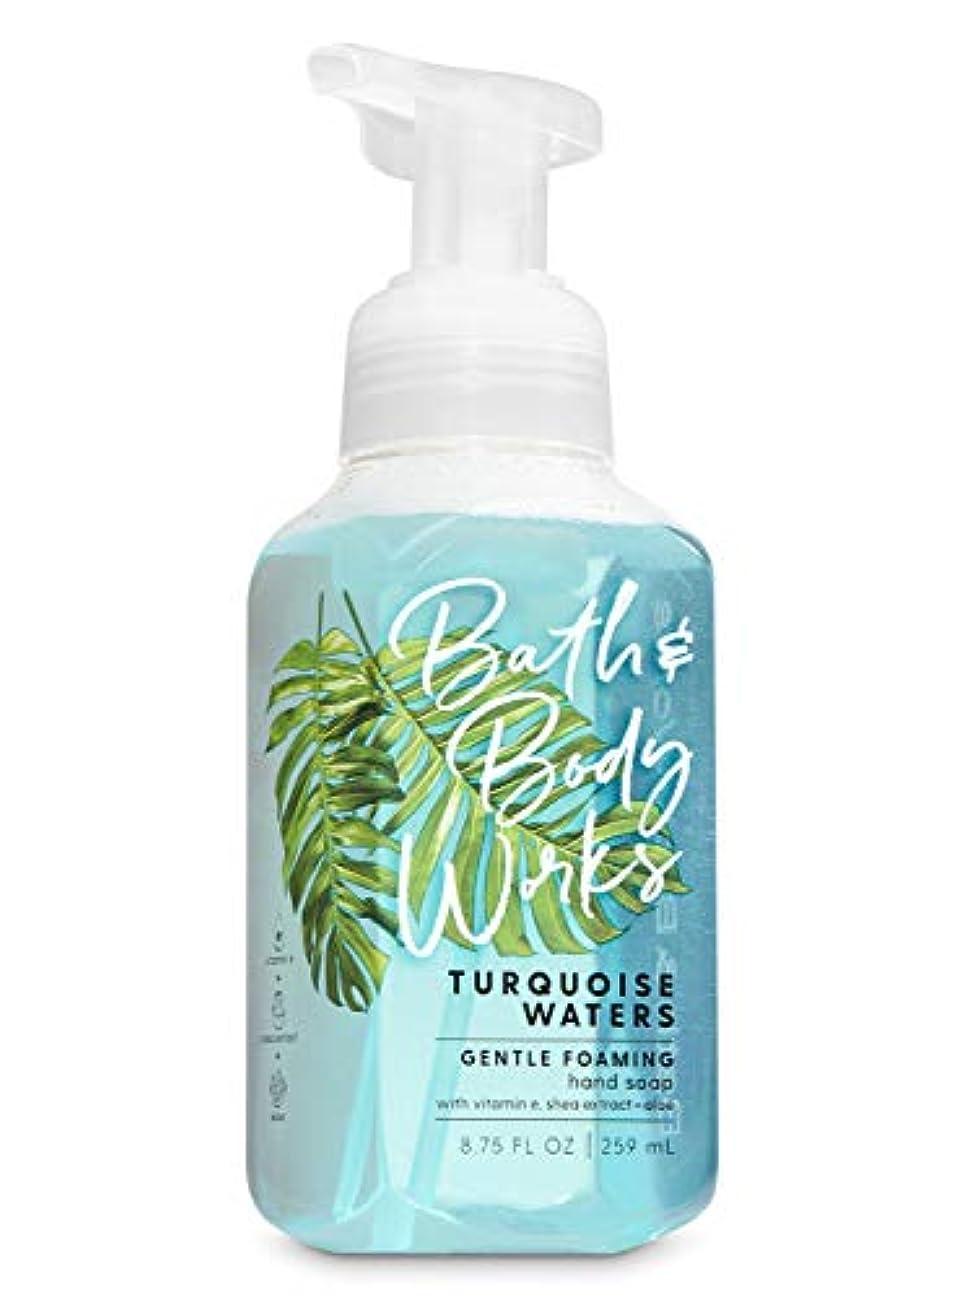 混乱一般化するオートマトンバス&ボディワークス ターコイズウォーター ジェントル フォーミング ハンドソープ Turquoise Waters Gentle Foaming Hand Soap